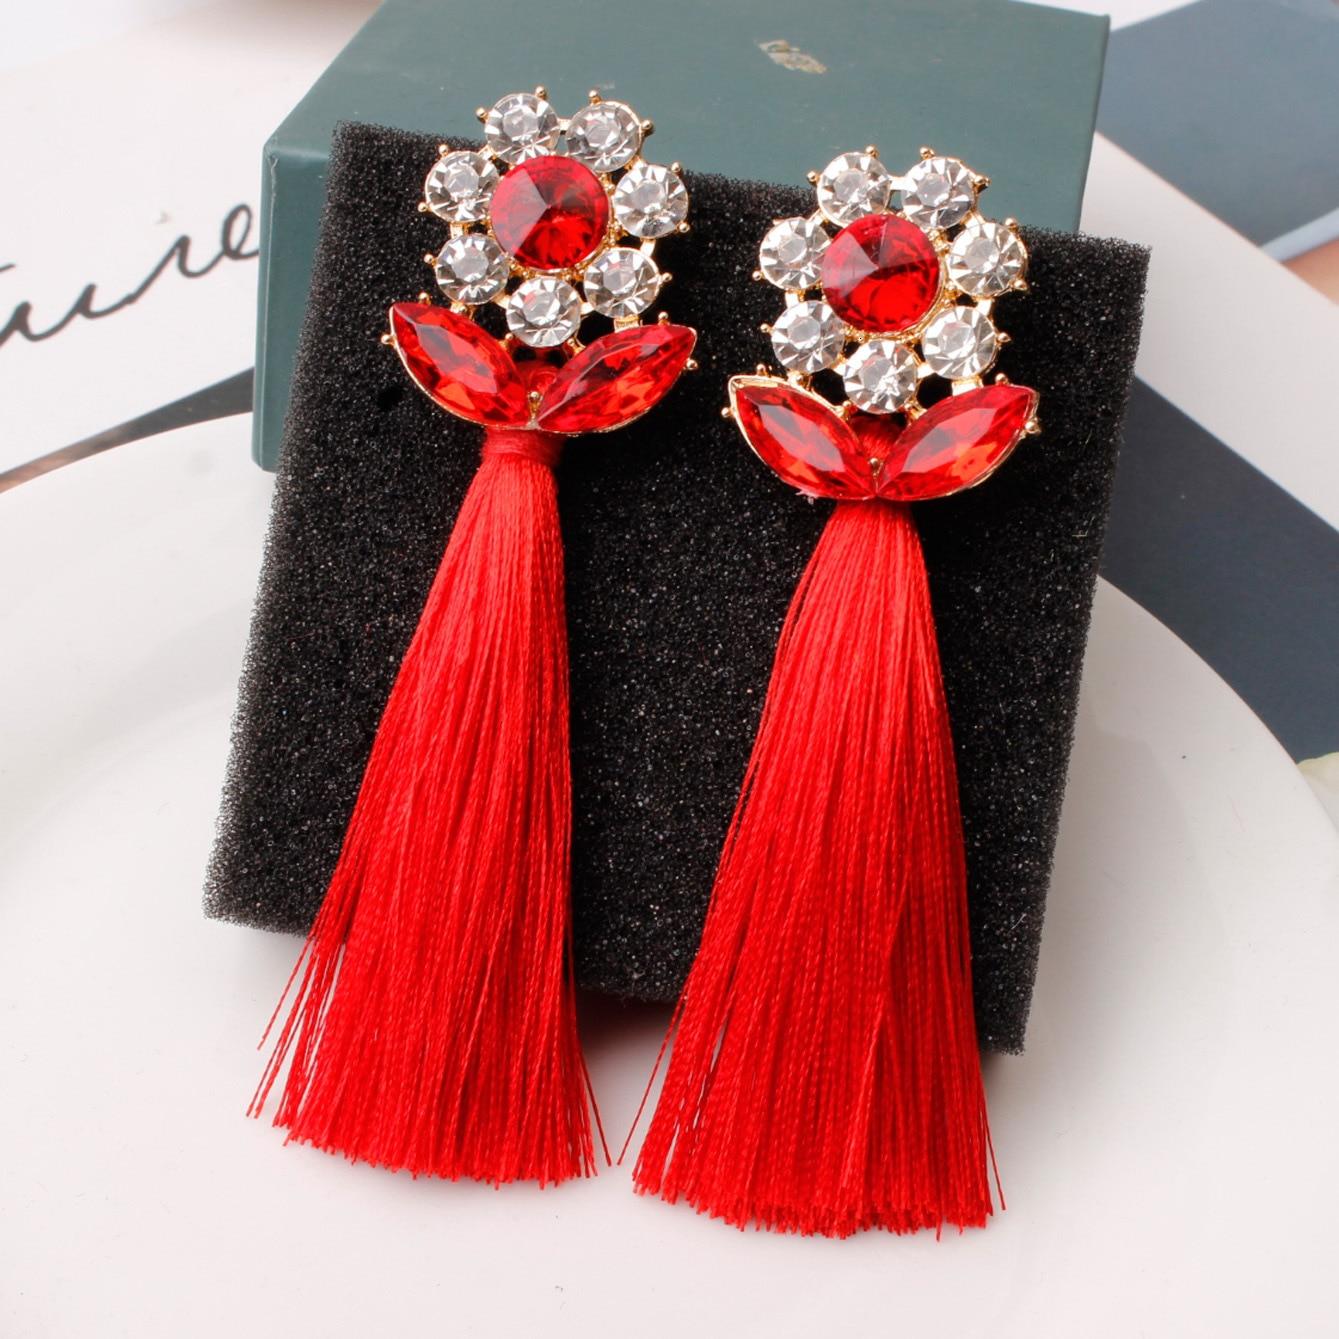 Pendientes de borla de calidad superior para mujer, pendientes de cristal llamativos, regalo de cristal para esposa, fiesta de Navidad, cumpleaños, boucle d'oreille